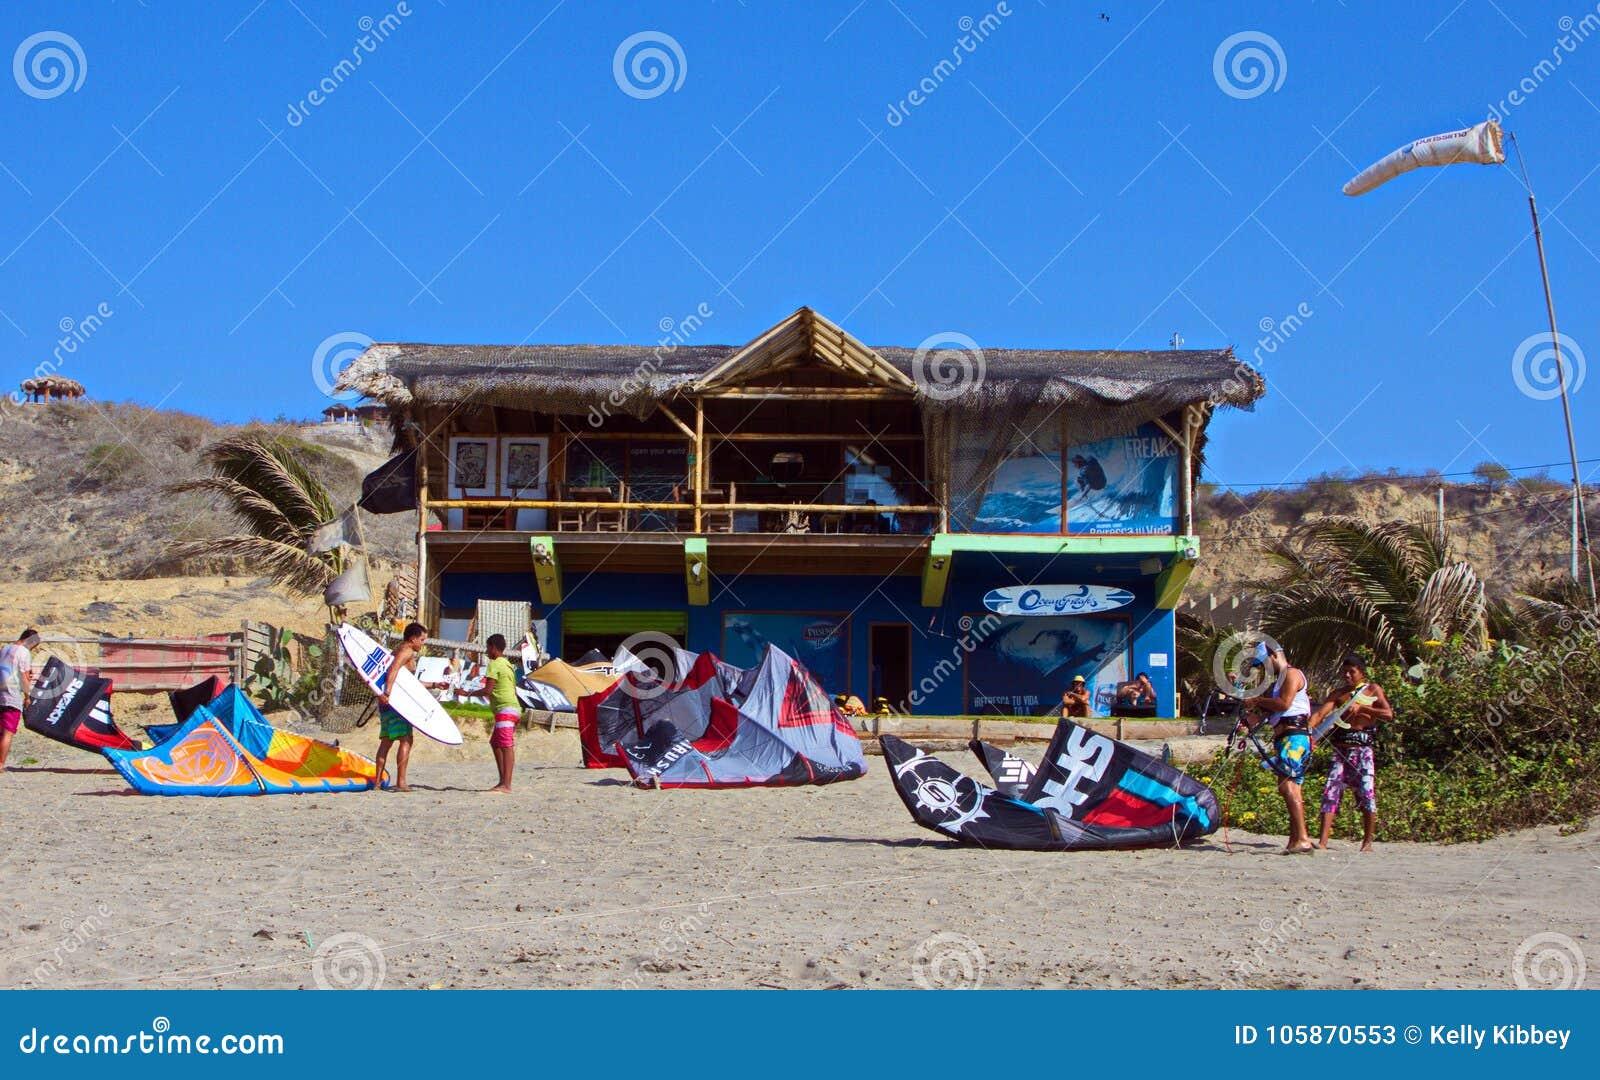 Vlieger het Surfen School, Santa Marianita Beach Ecuador